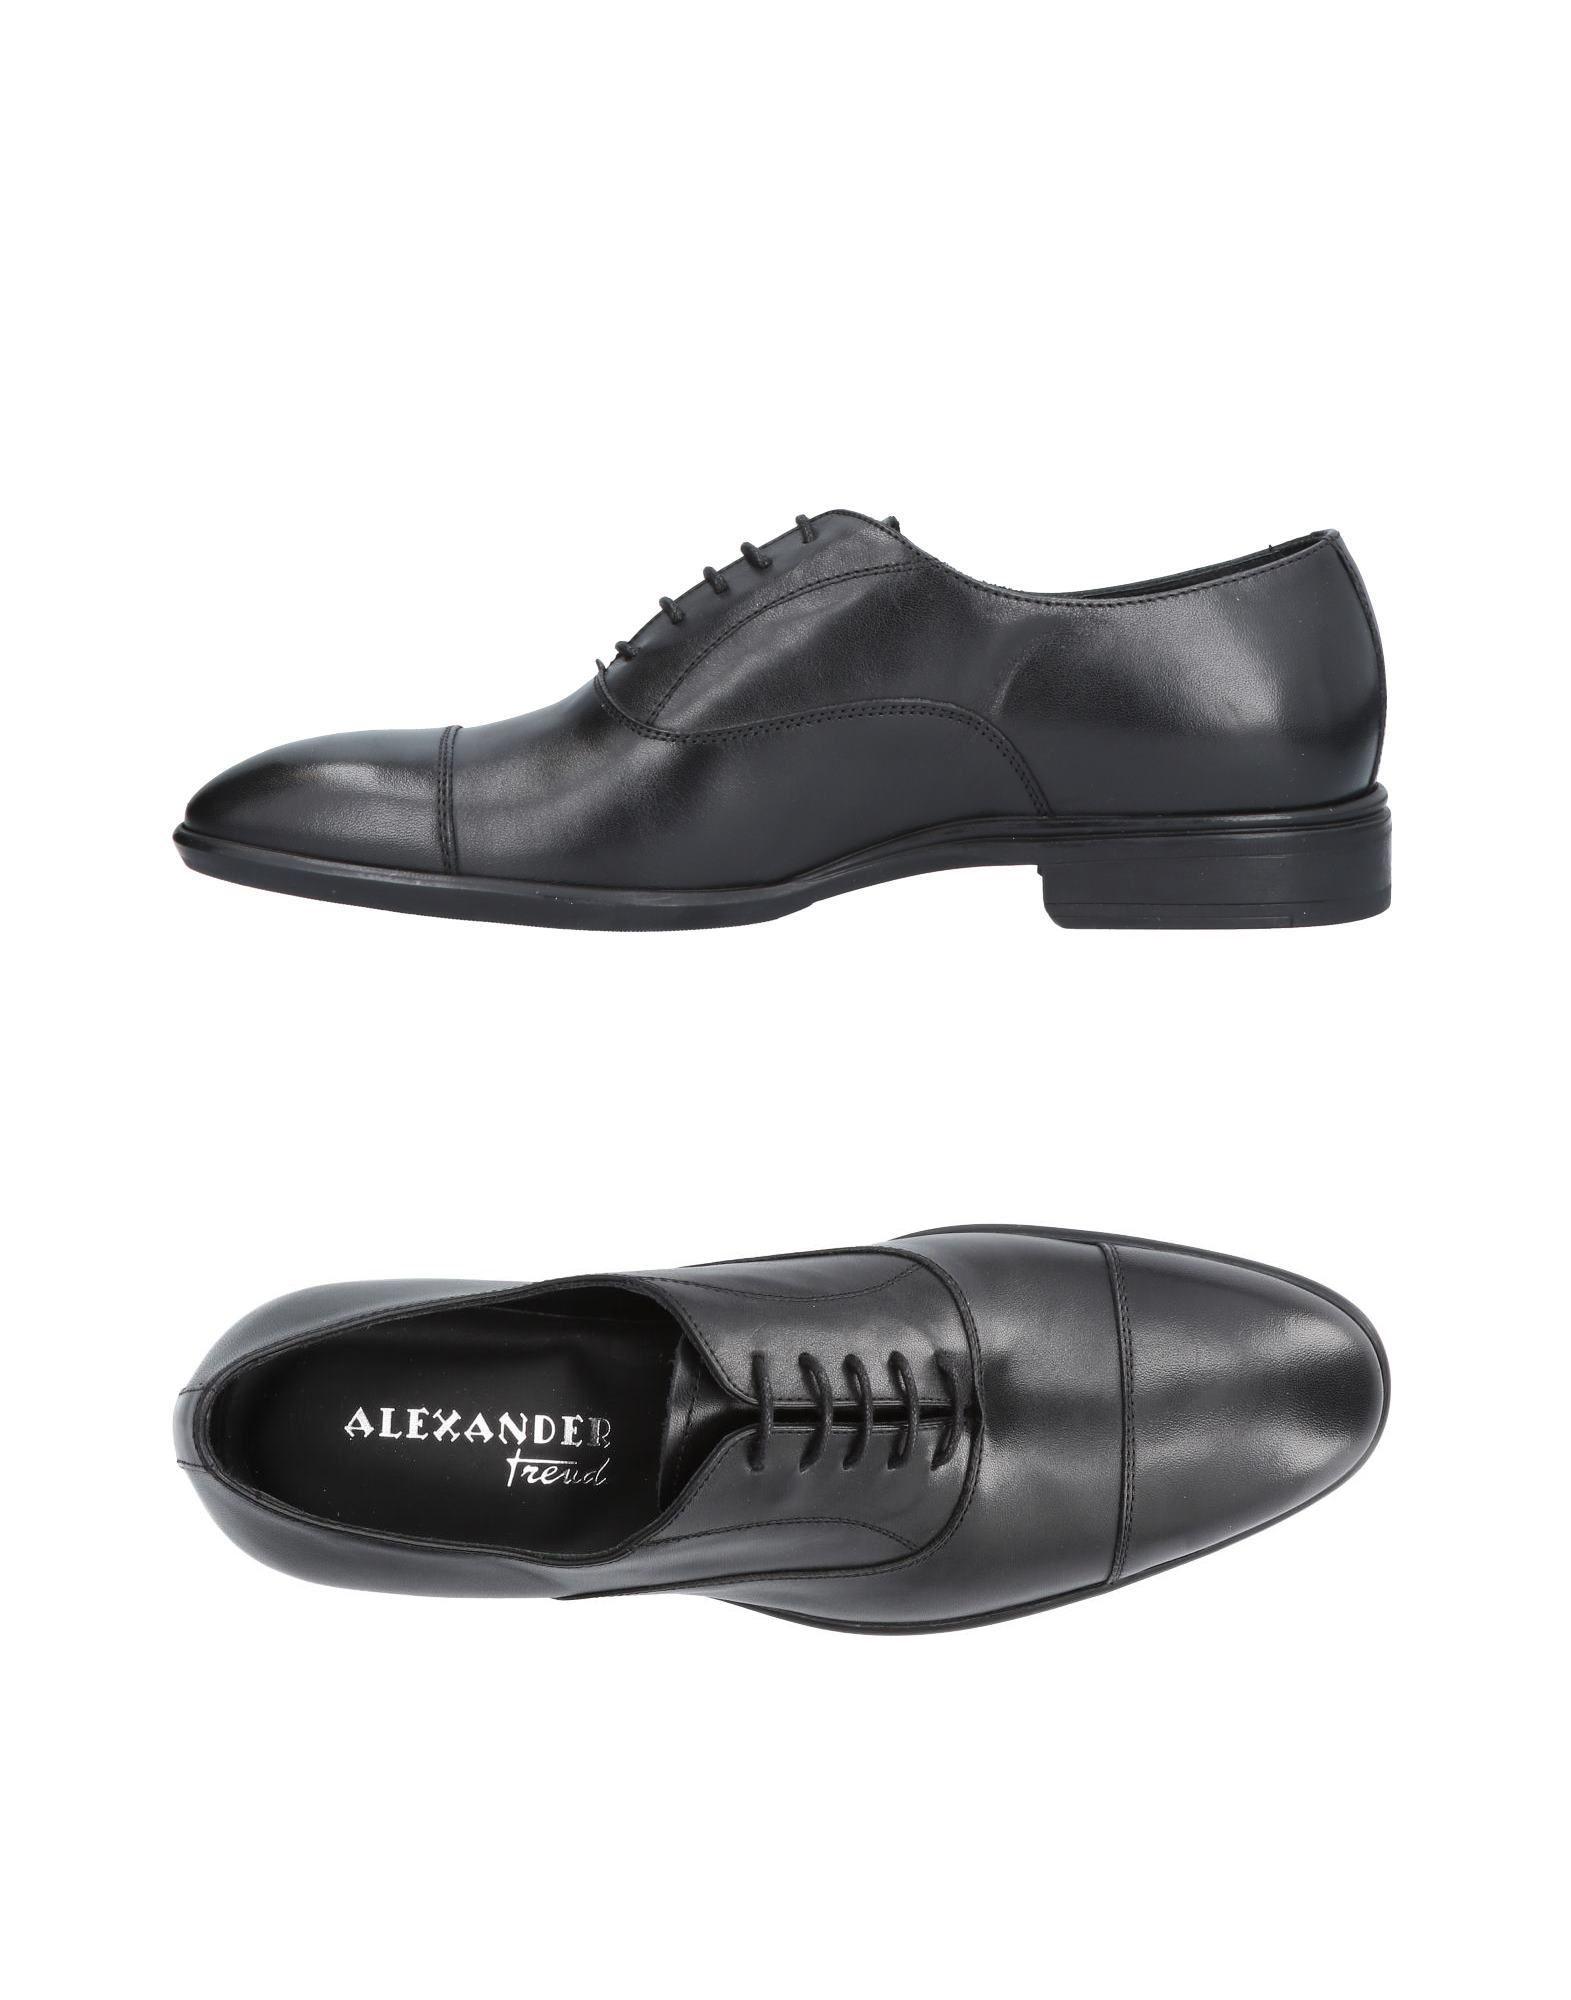 Alexander Trend Schnürschuhe Herren  11429239MW Neue Schuhe